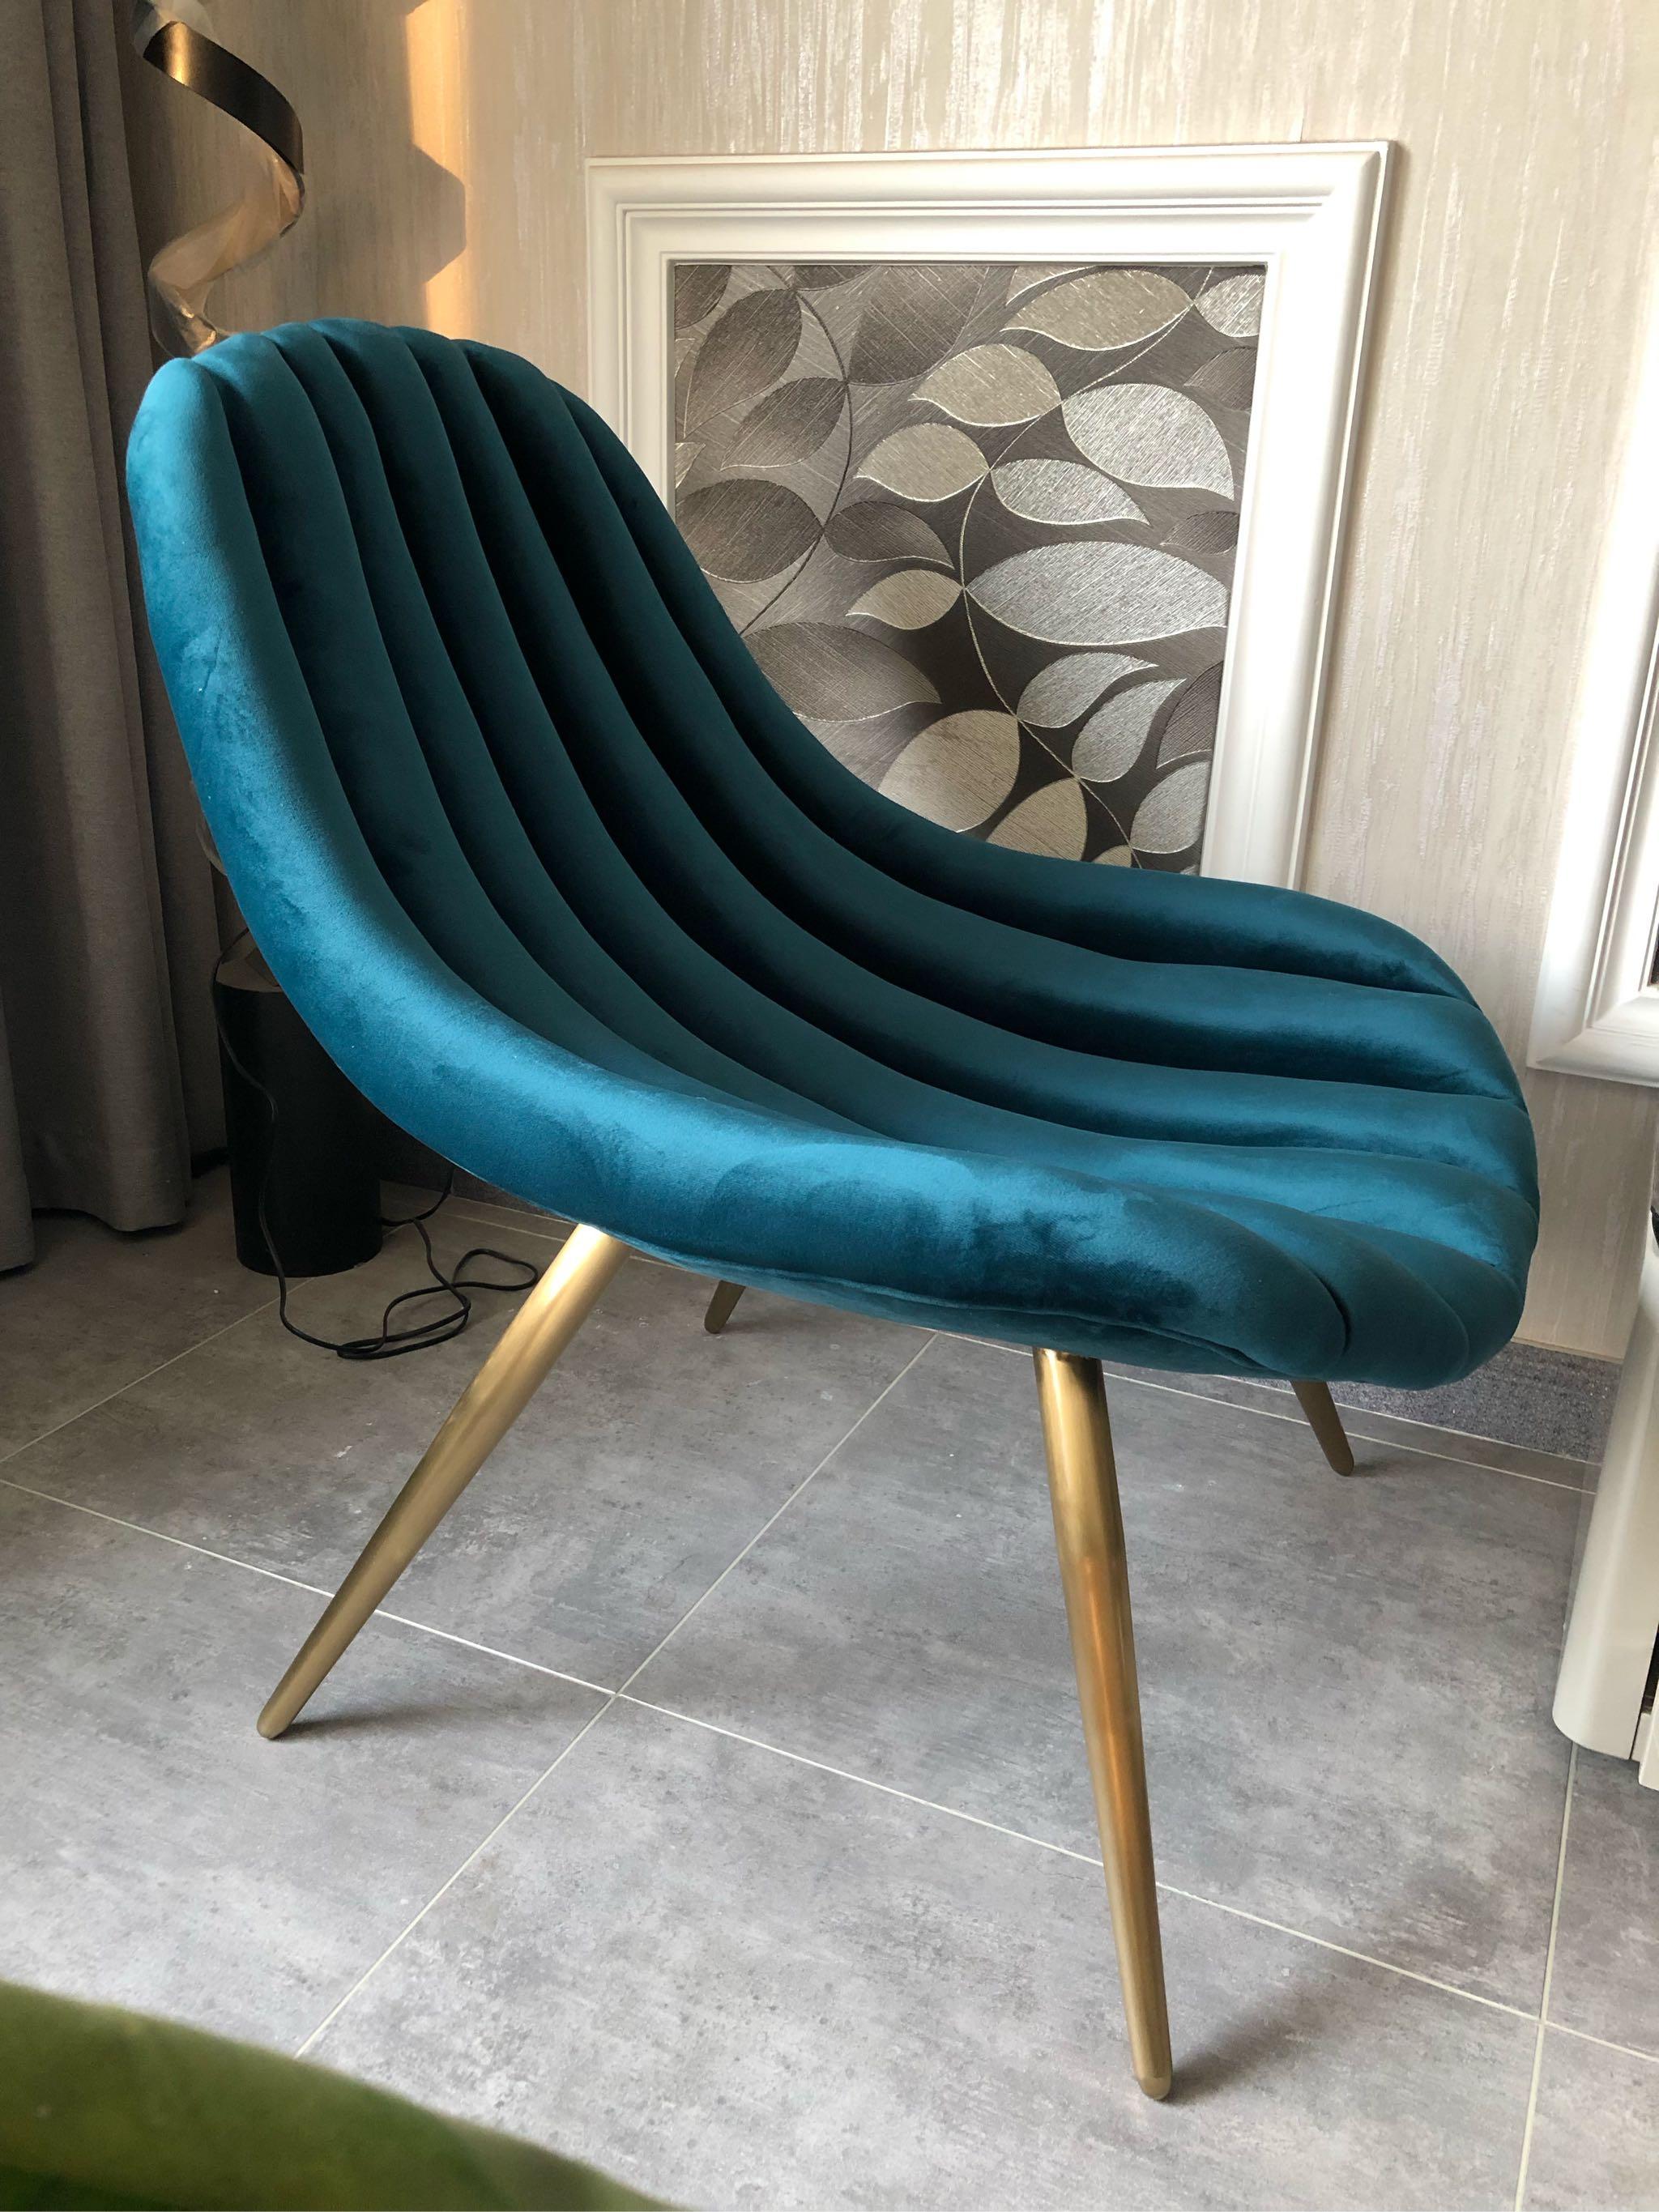 as家具好吗,as严选家具怎么样,北欧轻奢休闲单人沙发椅